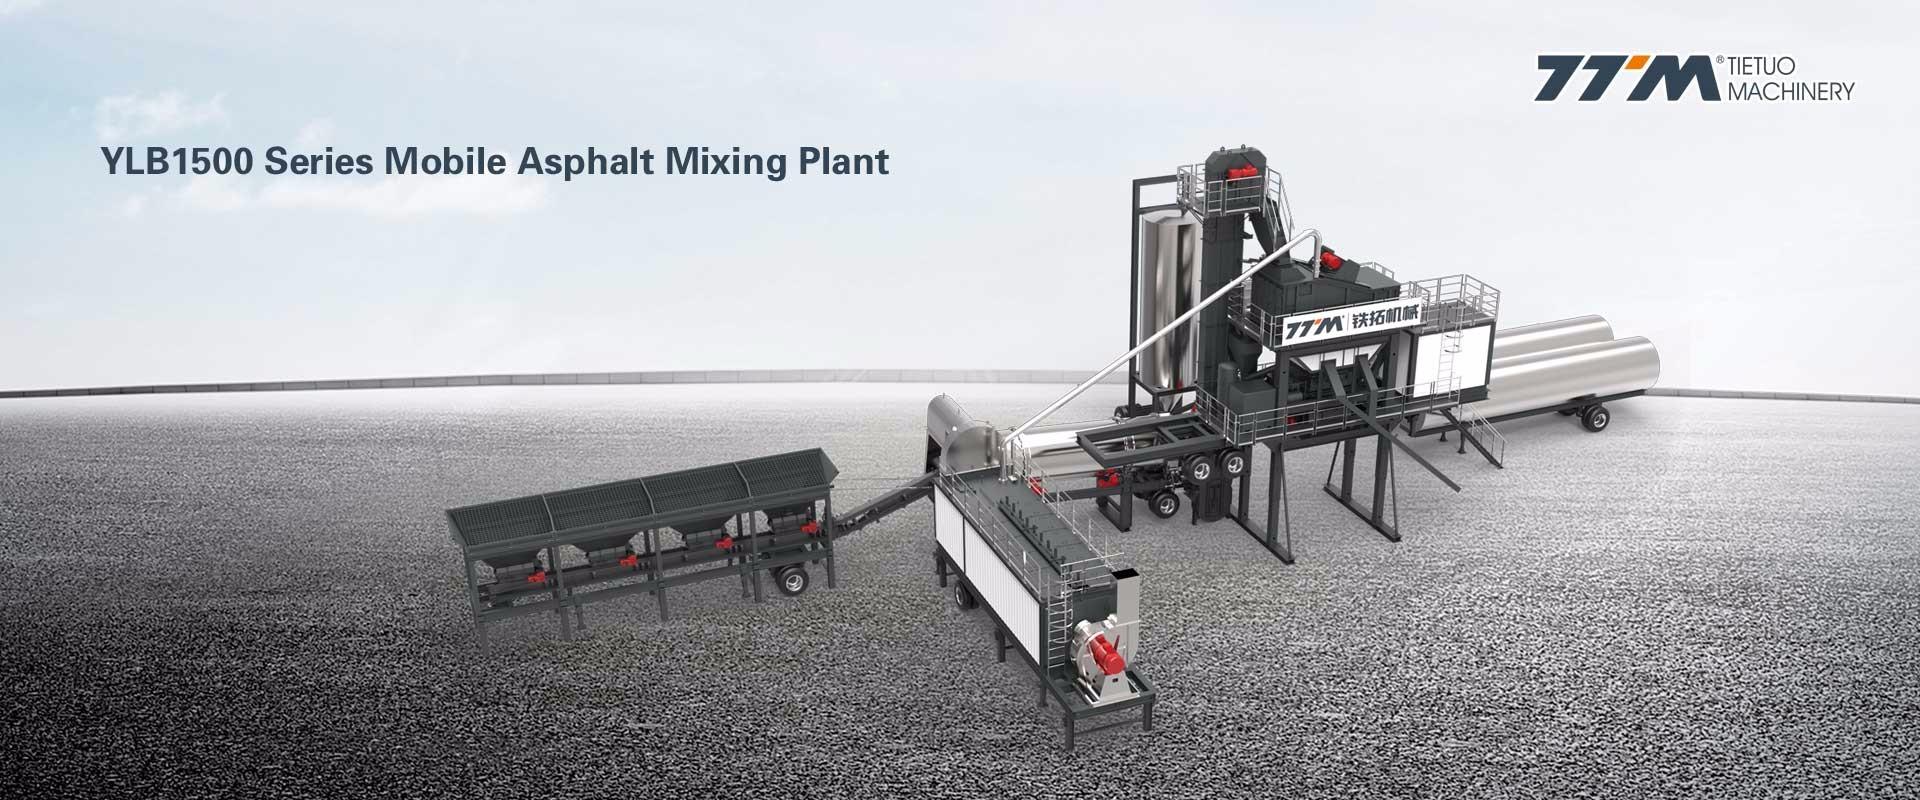 Planta mezcladora de asfalto móvil